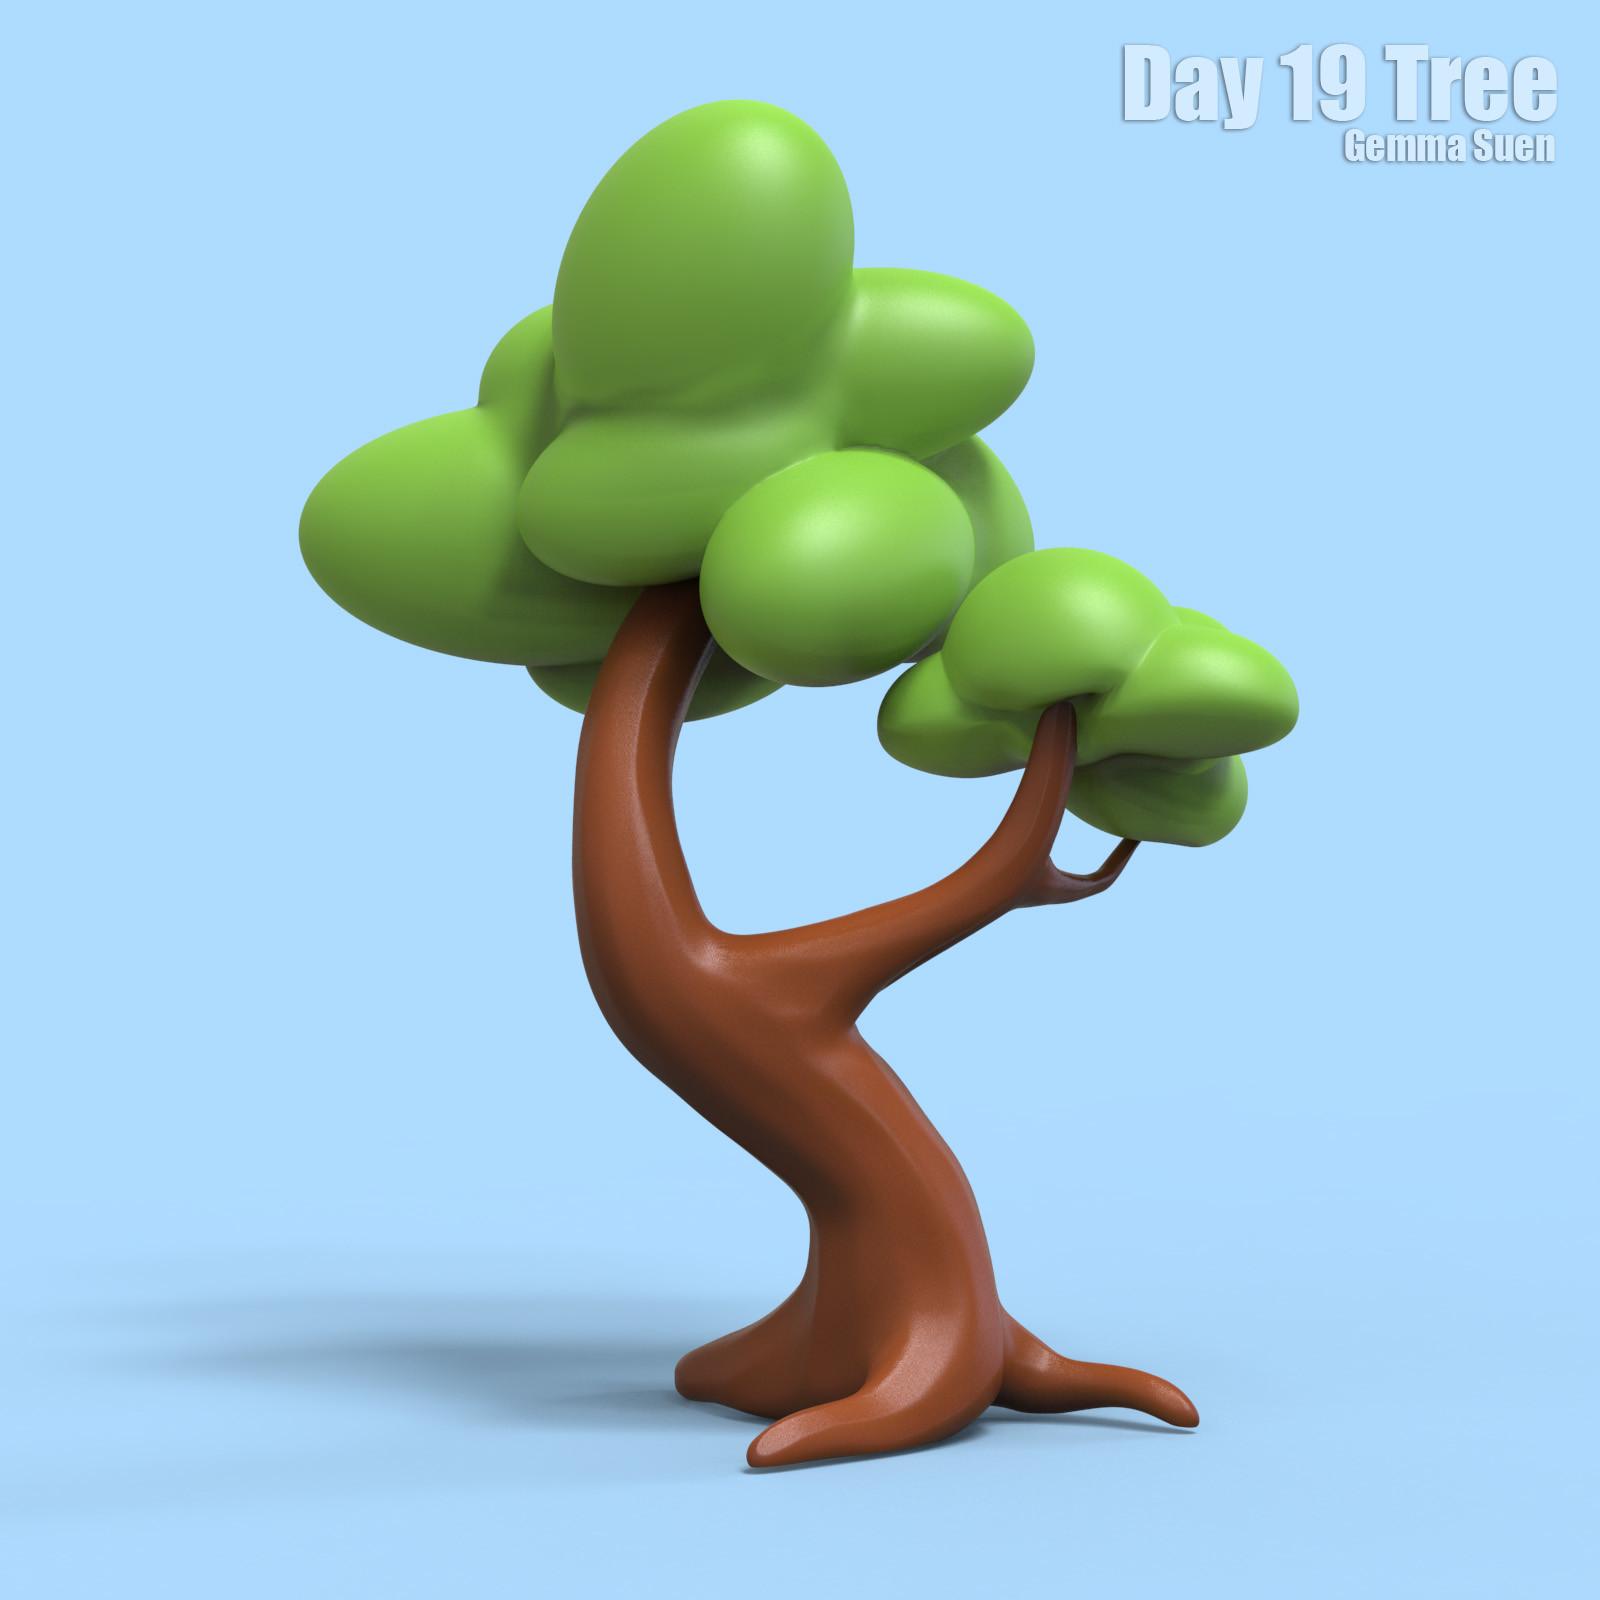 Gemma suen day19 tree